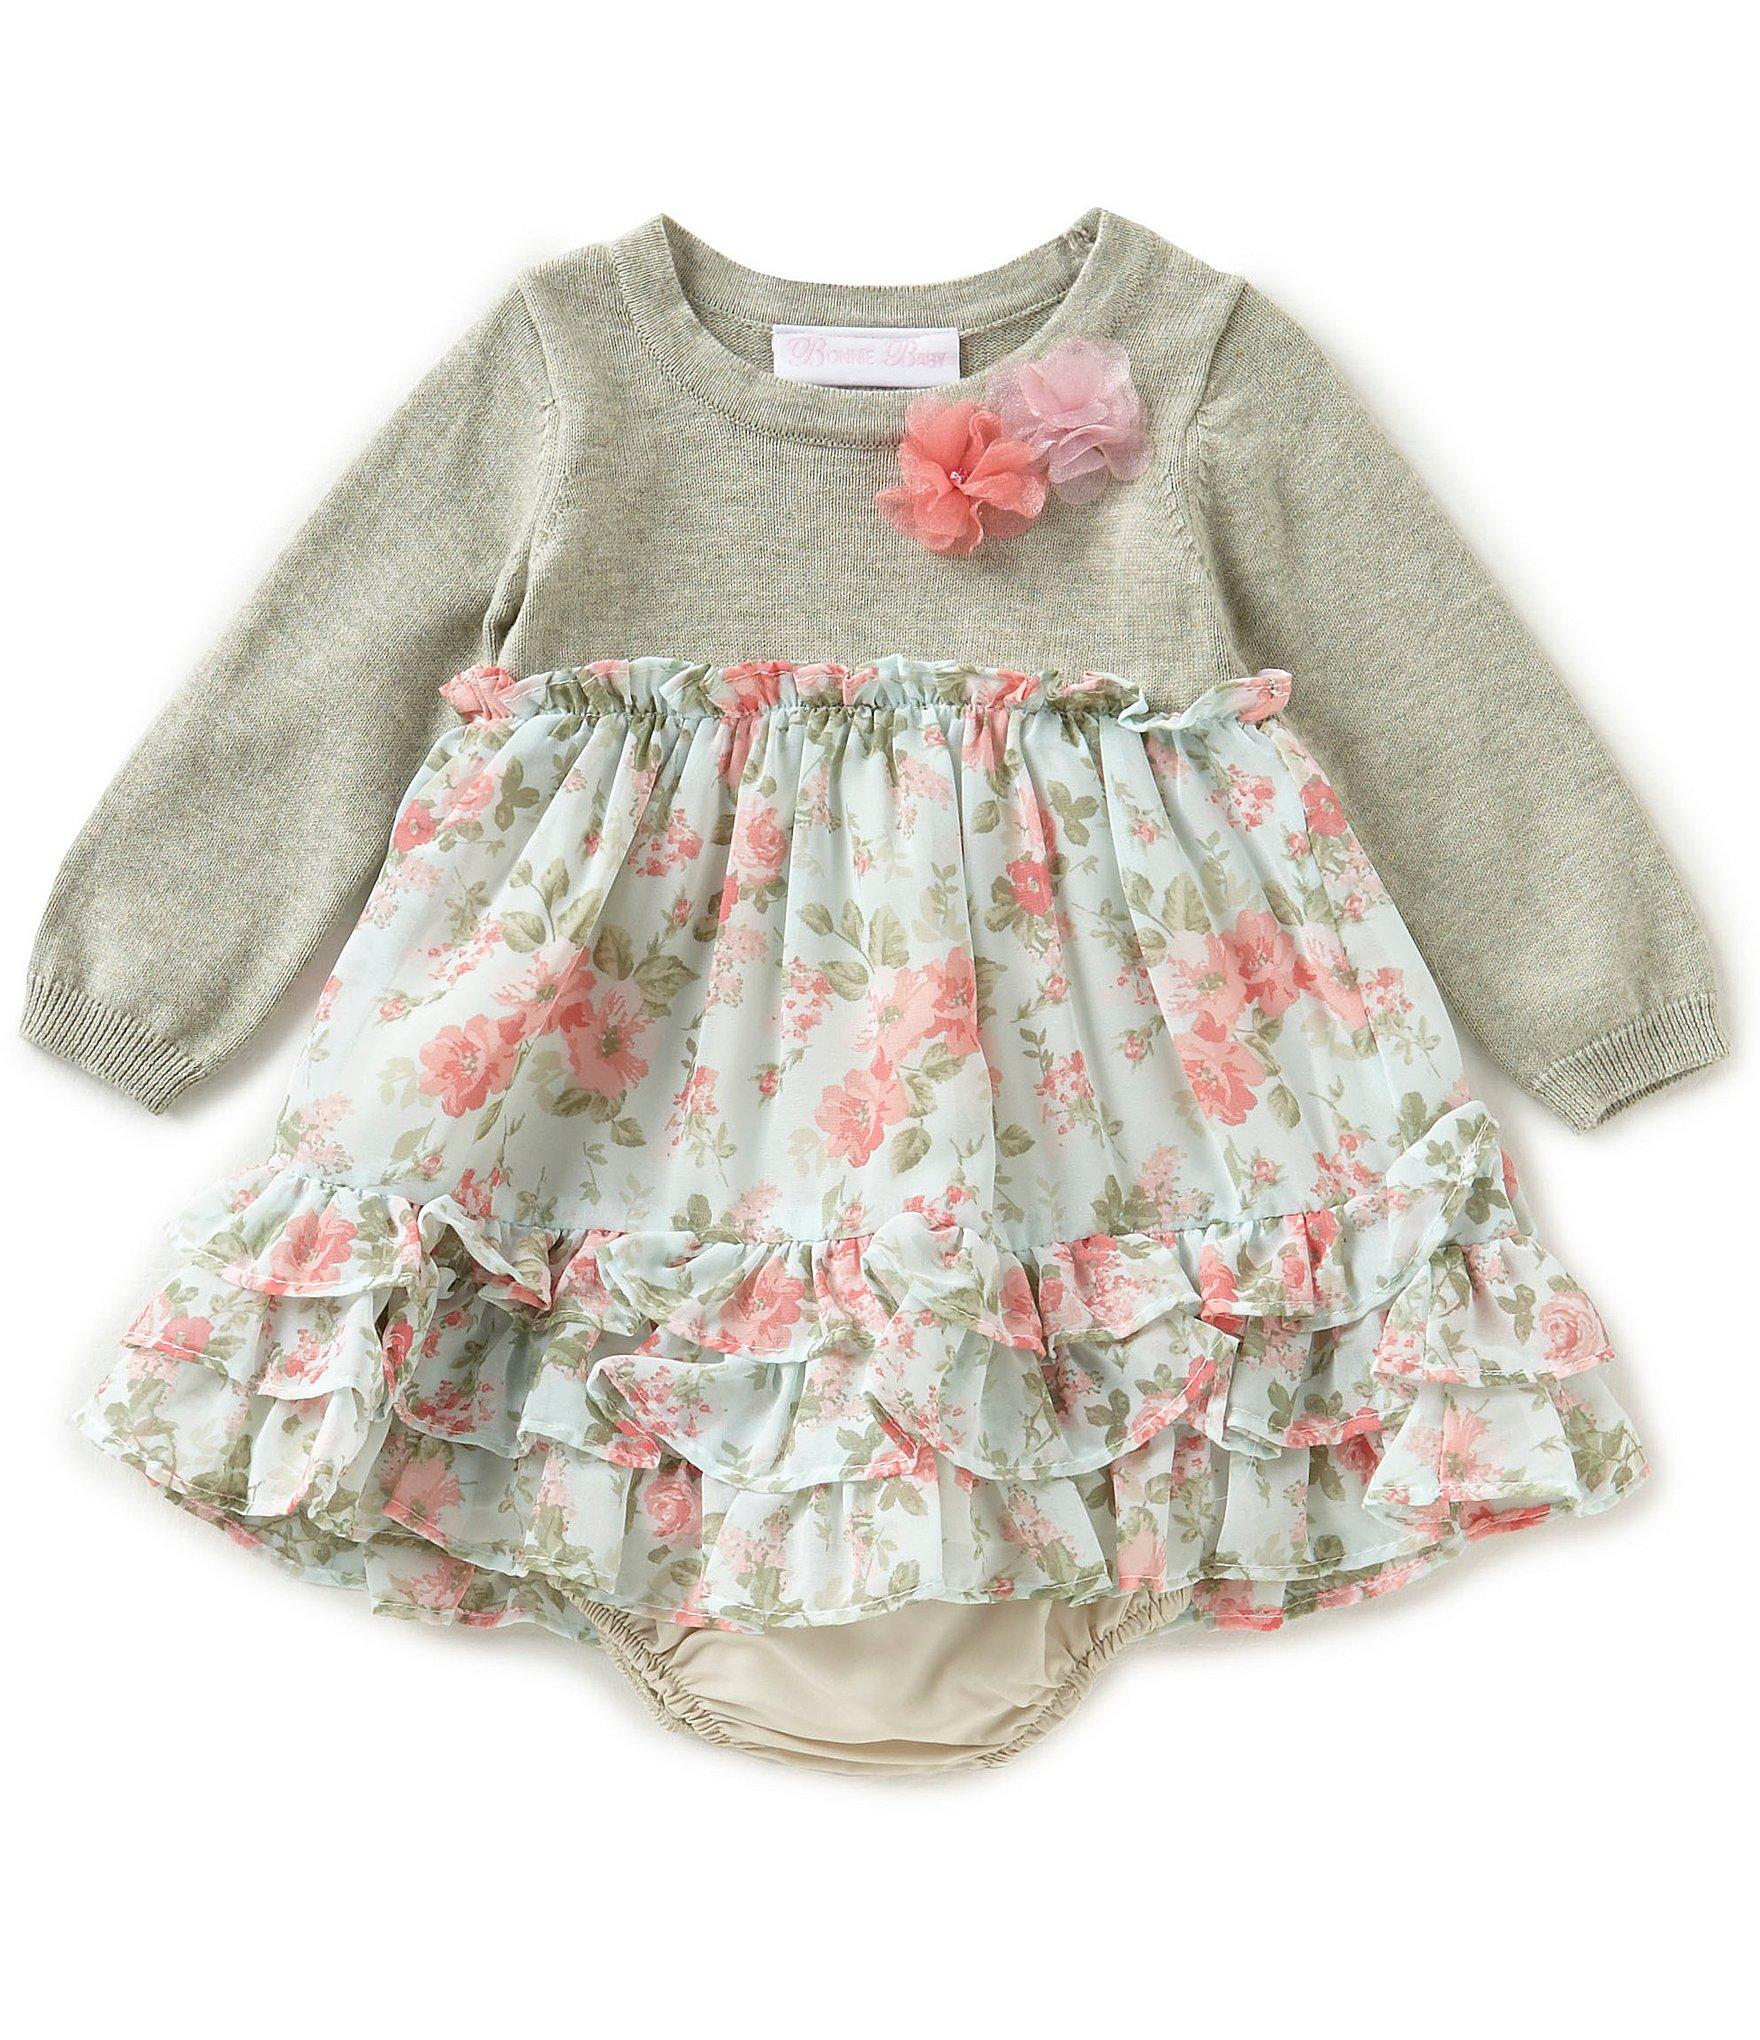 Bonnie Baby Baby Girls Newborn 24 Months Floral Print